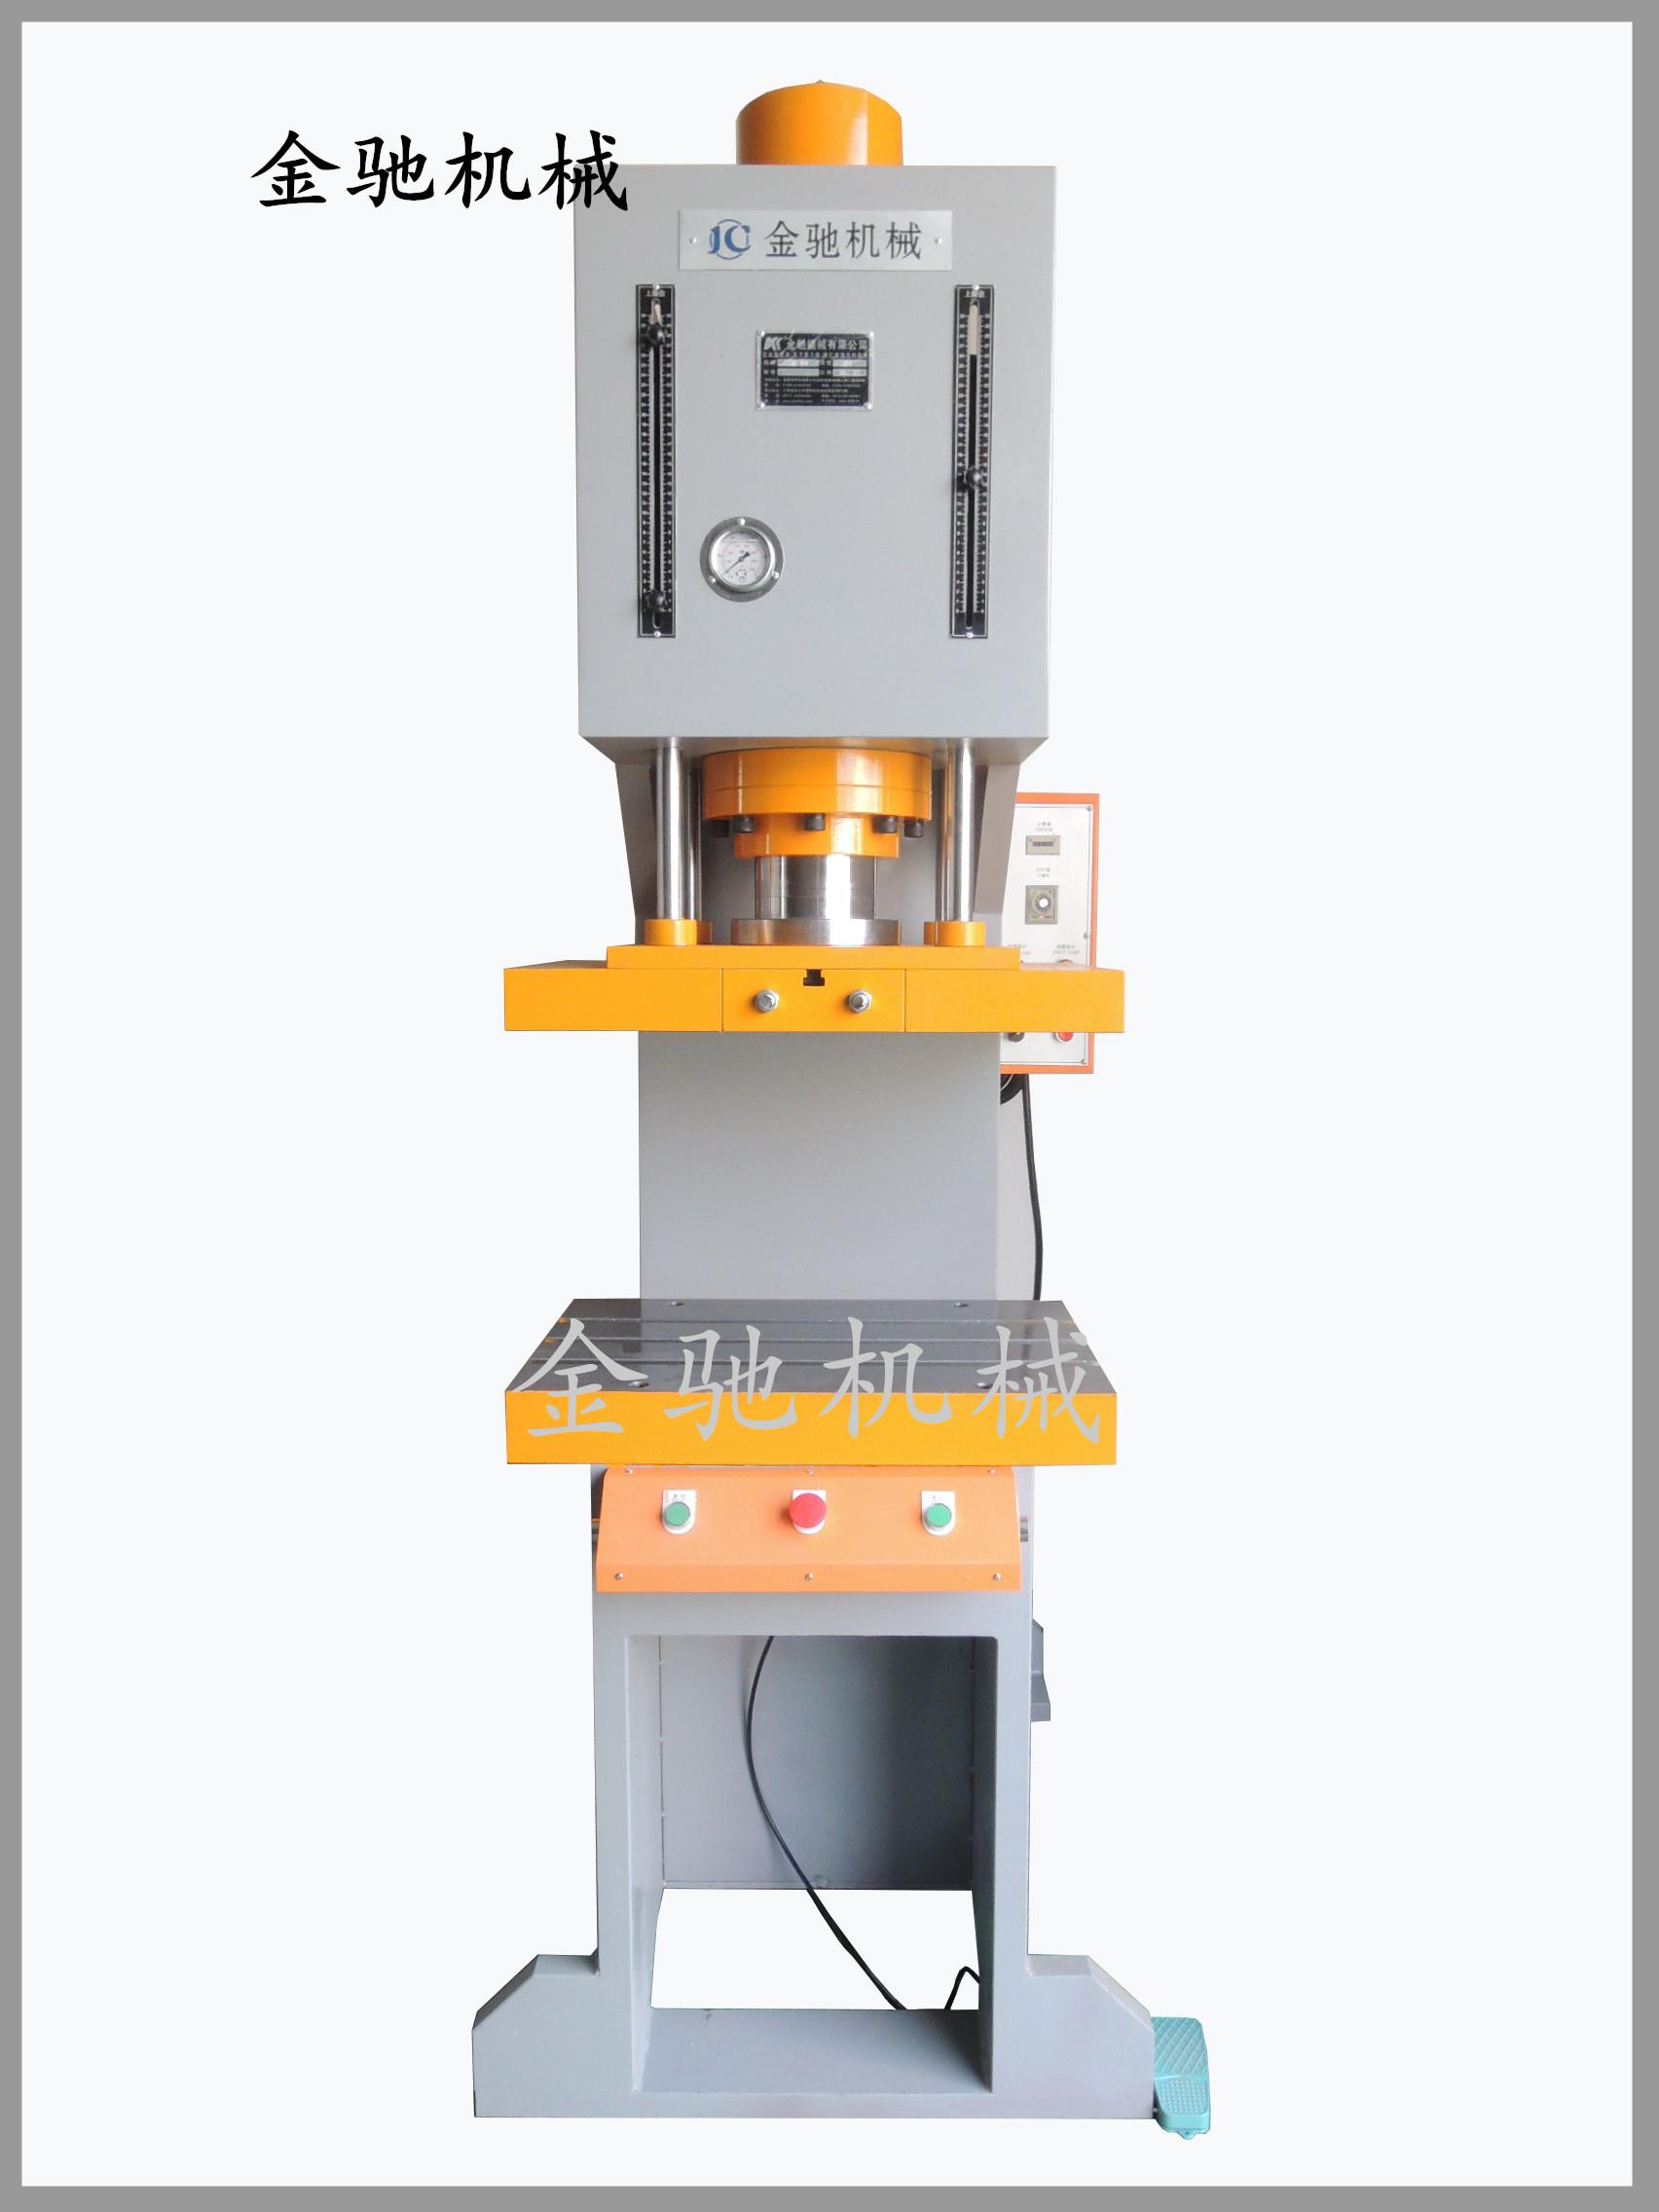 30吨弓型液压机,油压液压冲压机,单臂液压机,油压冲床,液压成型机